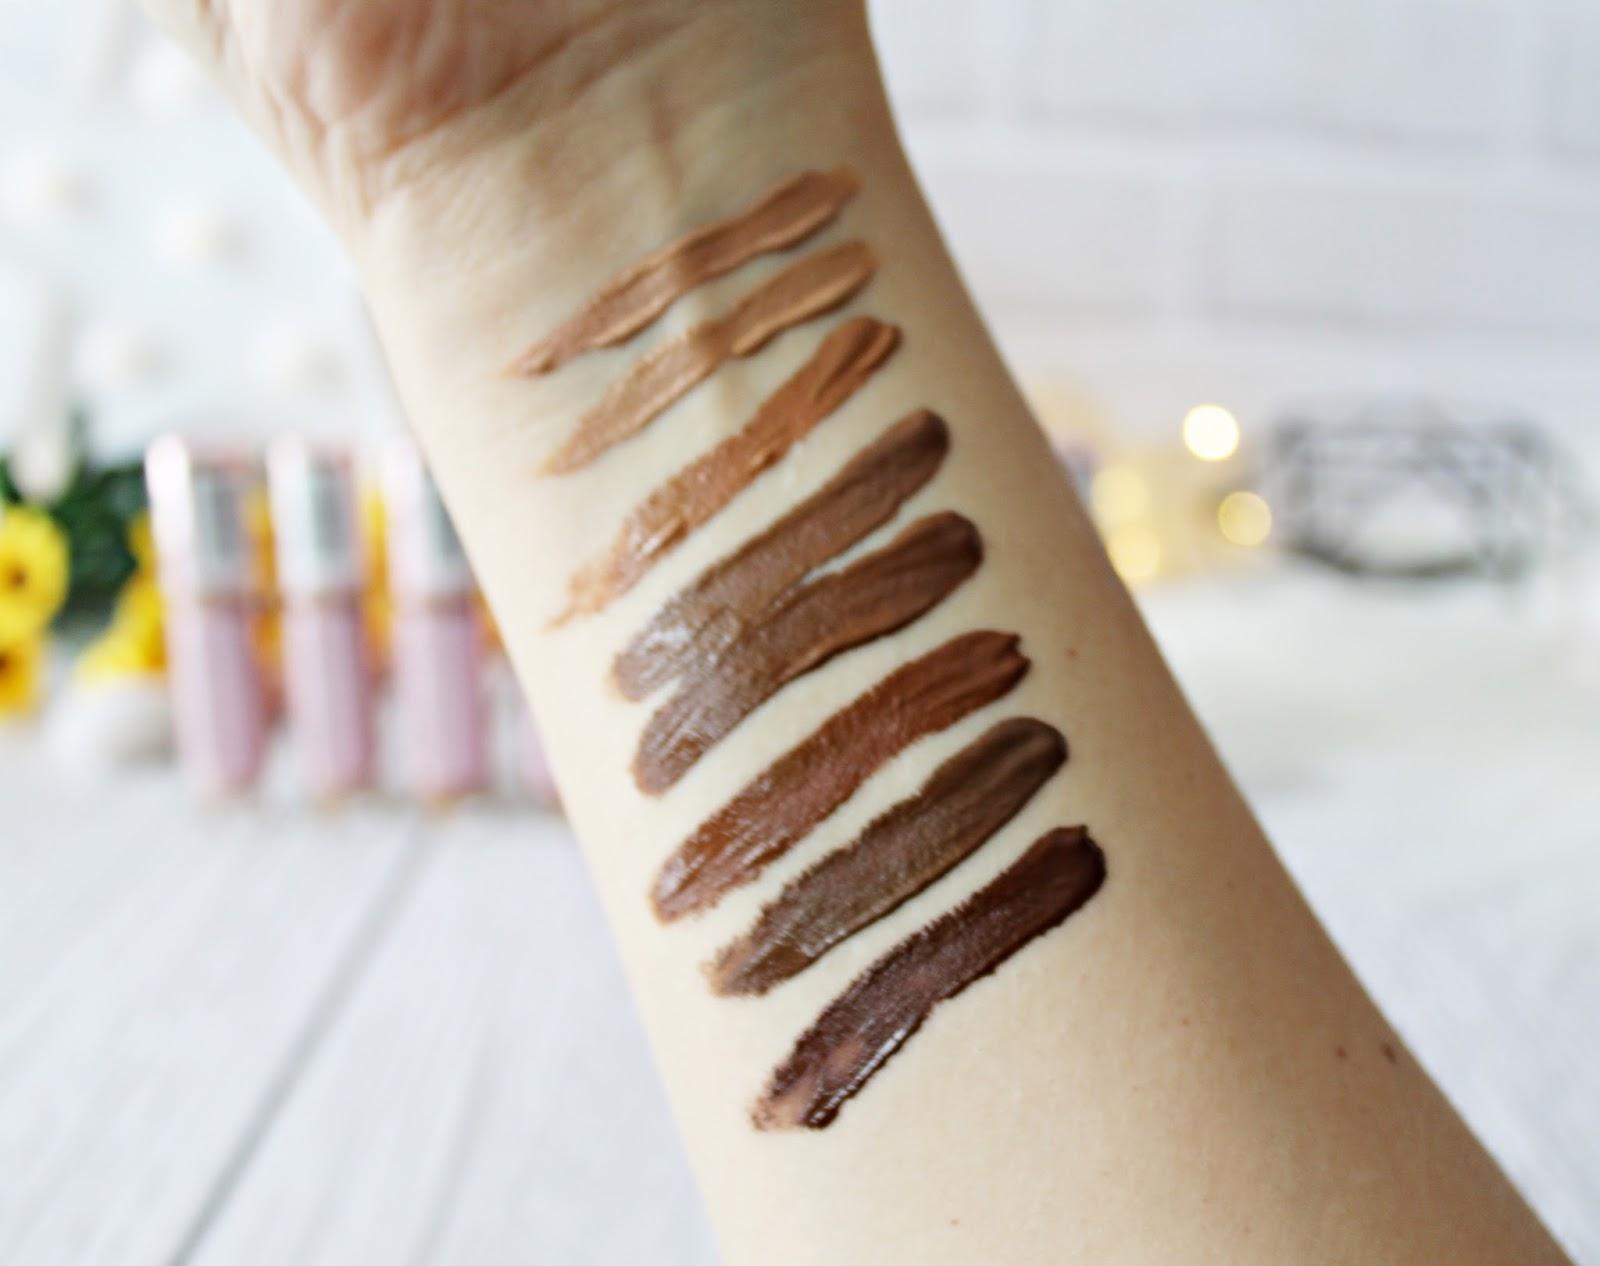 Najnowsze korektory od Makeup Revolution - CONCEAL & DEFINE CONCEALER